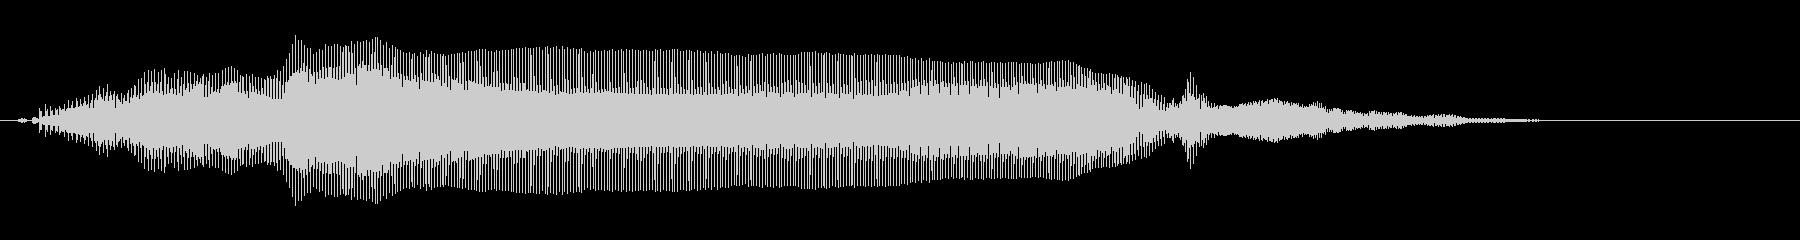 「イエイ!」2の未再生の波形